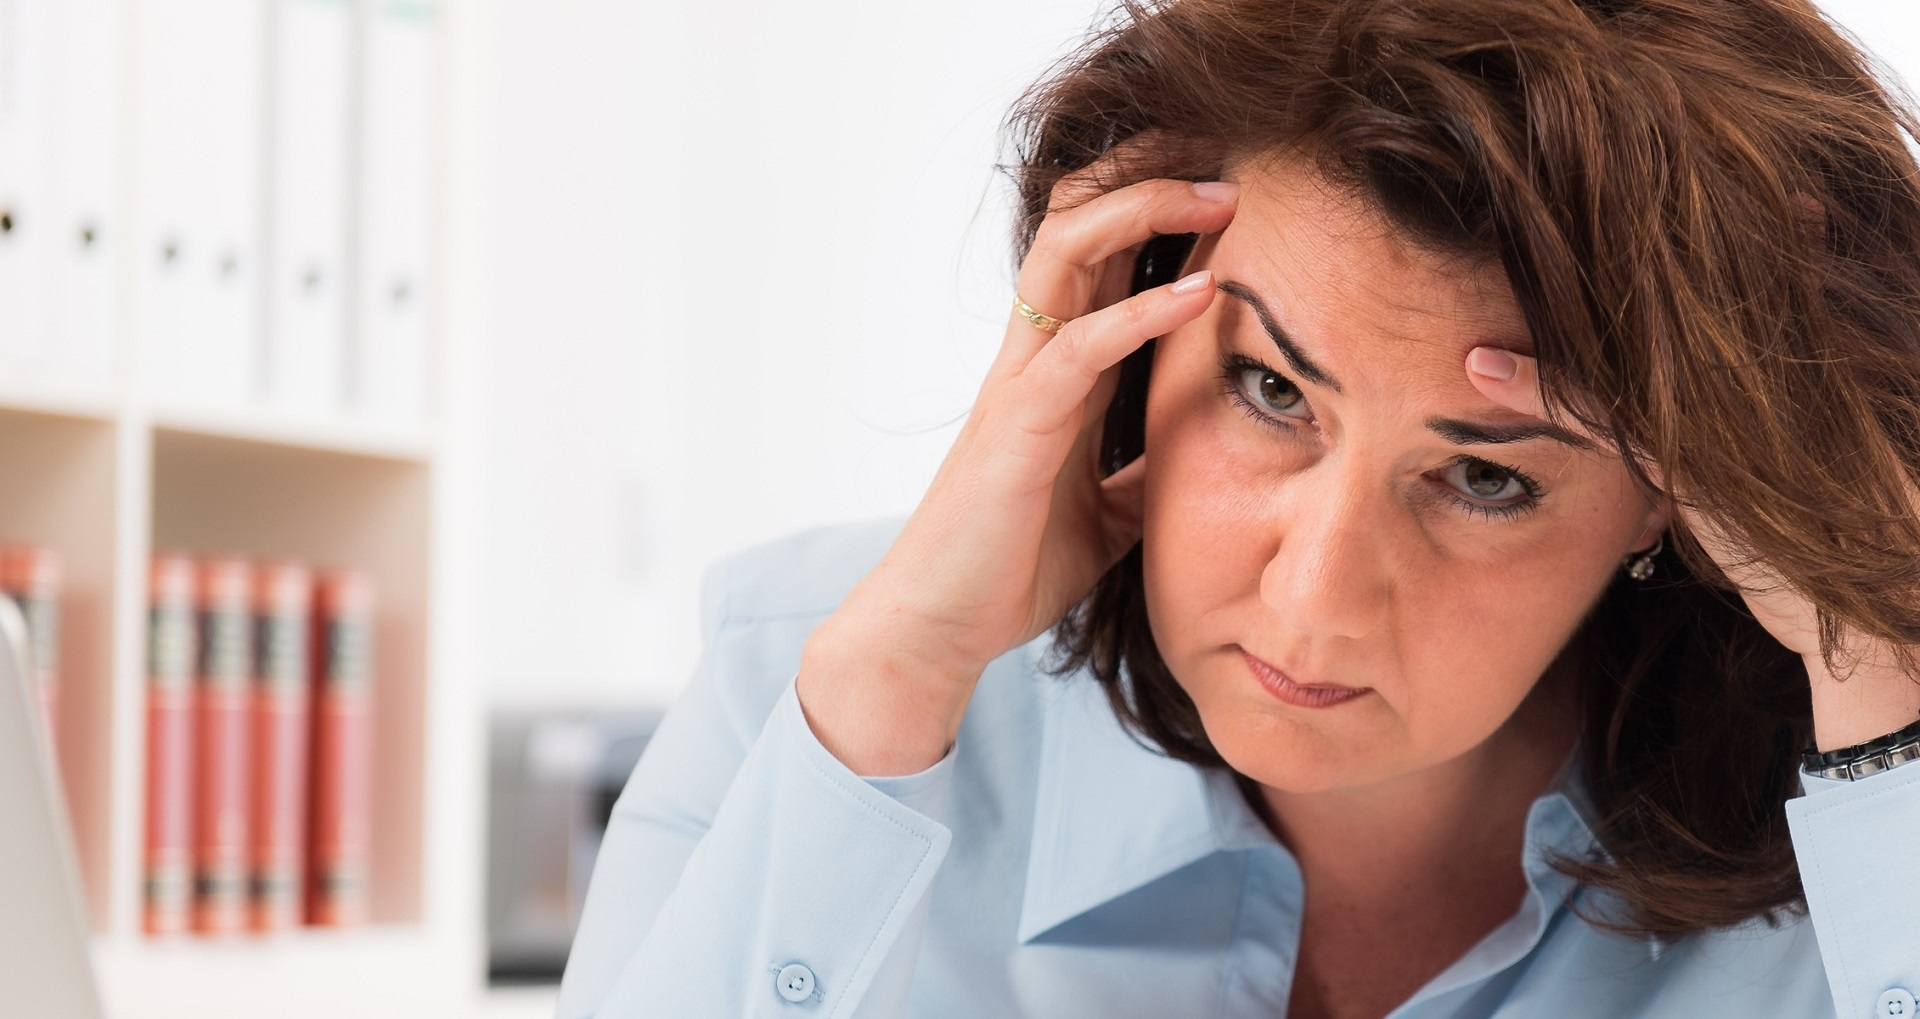 Gestresste, frustrierte Frau am Arbeitsplatz vor einer Bücherwand. Sie hält den Kopf in den Händen.